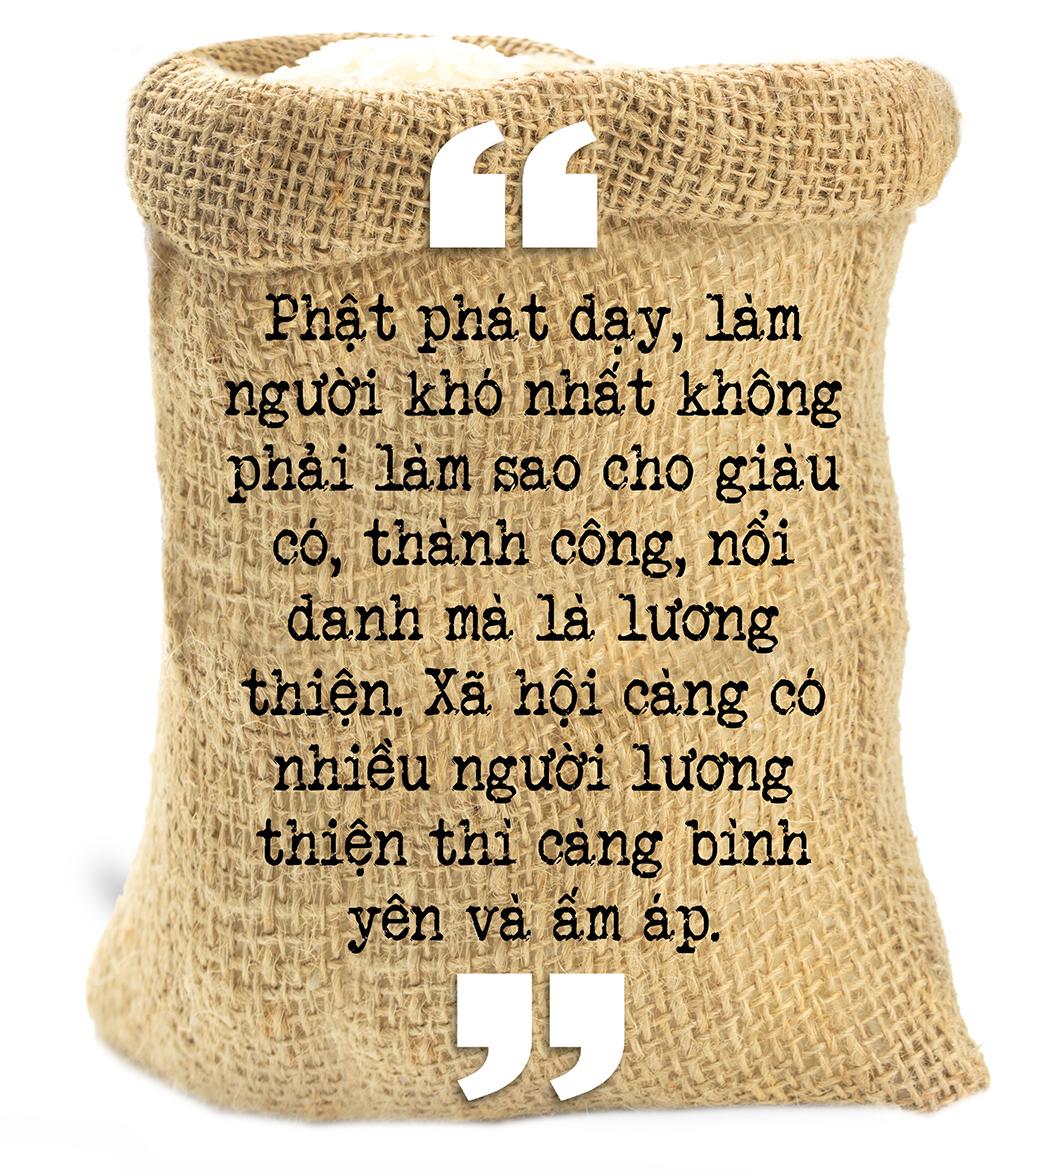 Cha đẻ ATM gạo Hoàng Tuấn Anh: TP.HCM giãn cách thì đóng bao 5kg gạo giao từng khu phong toả, xóm trọ… - Ảnh 7.